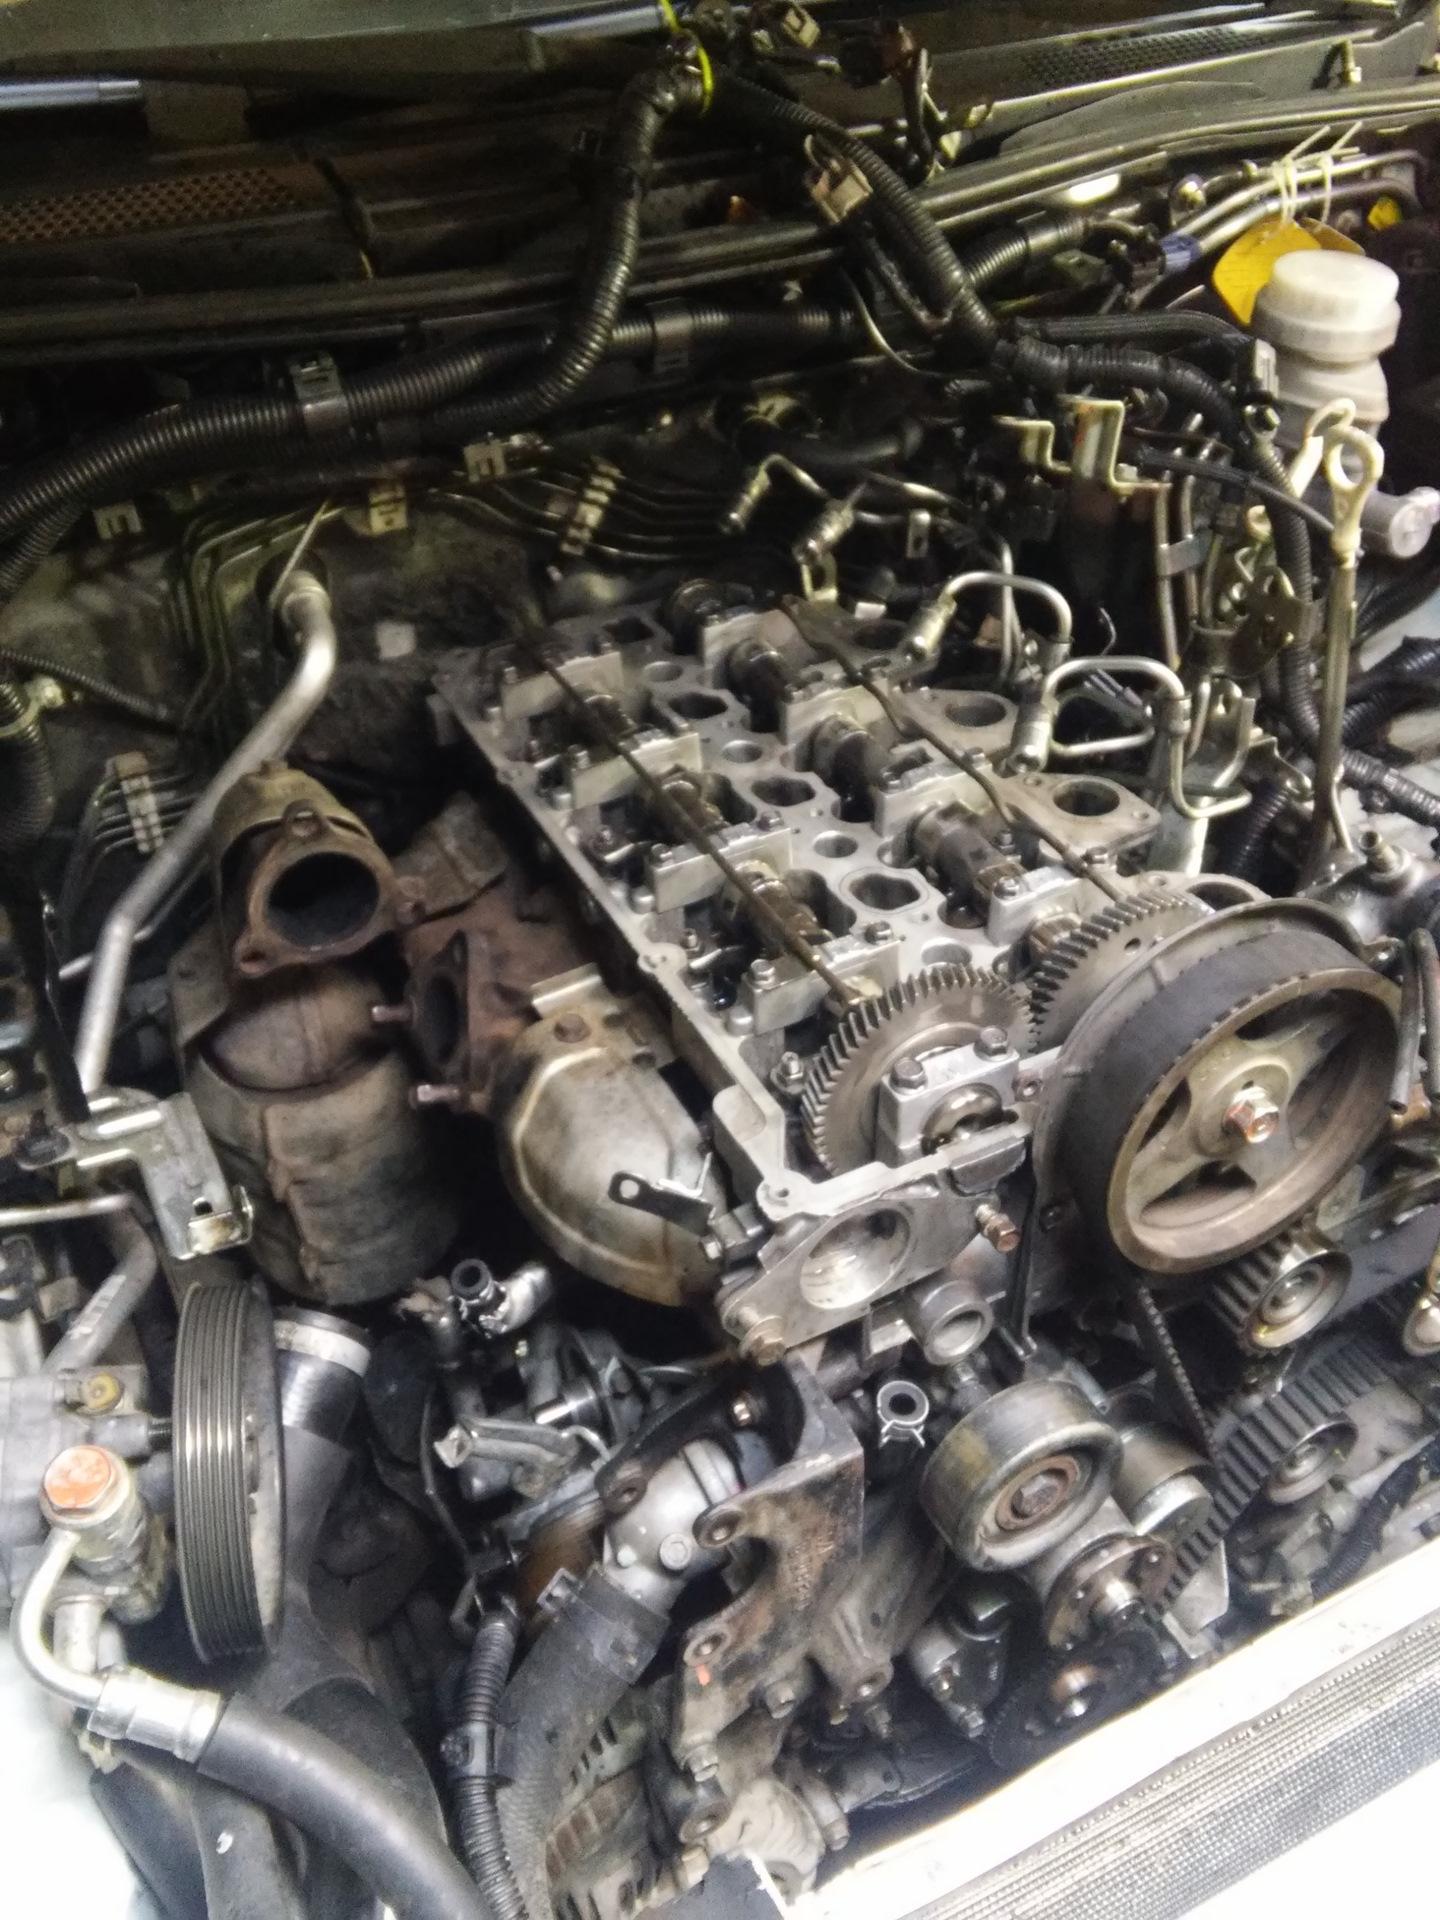 Замена клапанной прокладки l200 Прокачка тормозной системы альмера н16